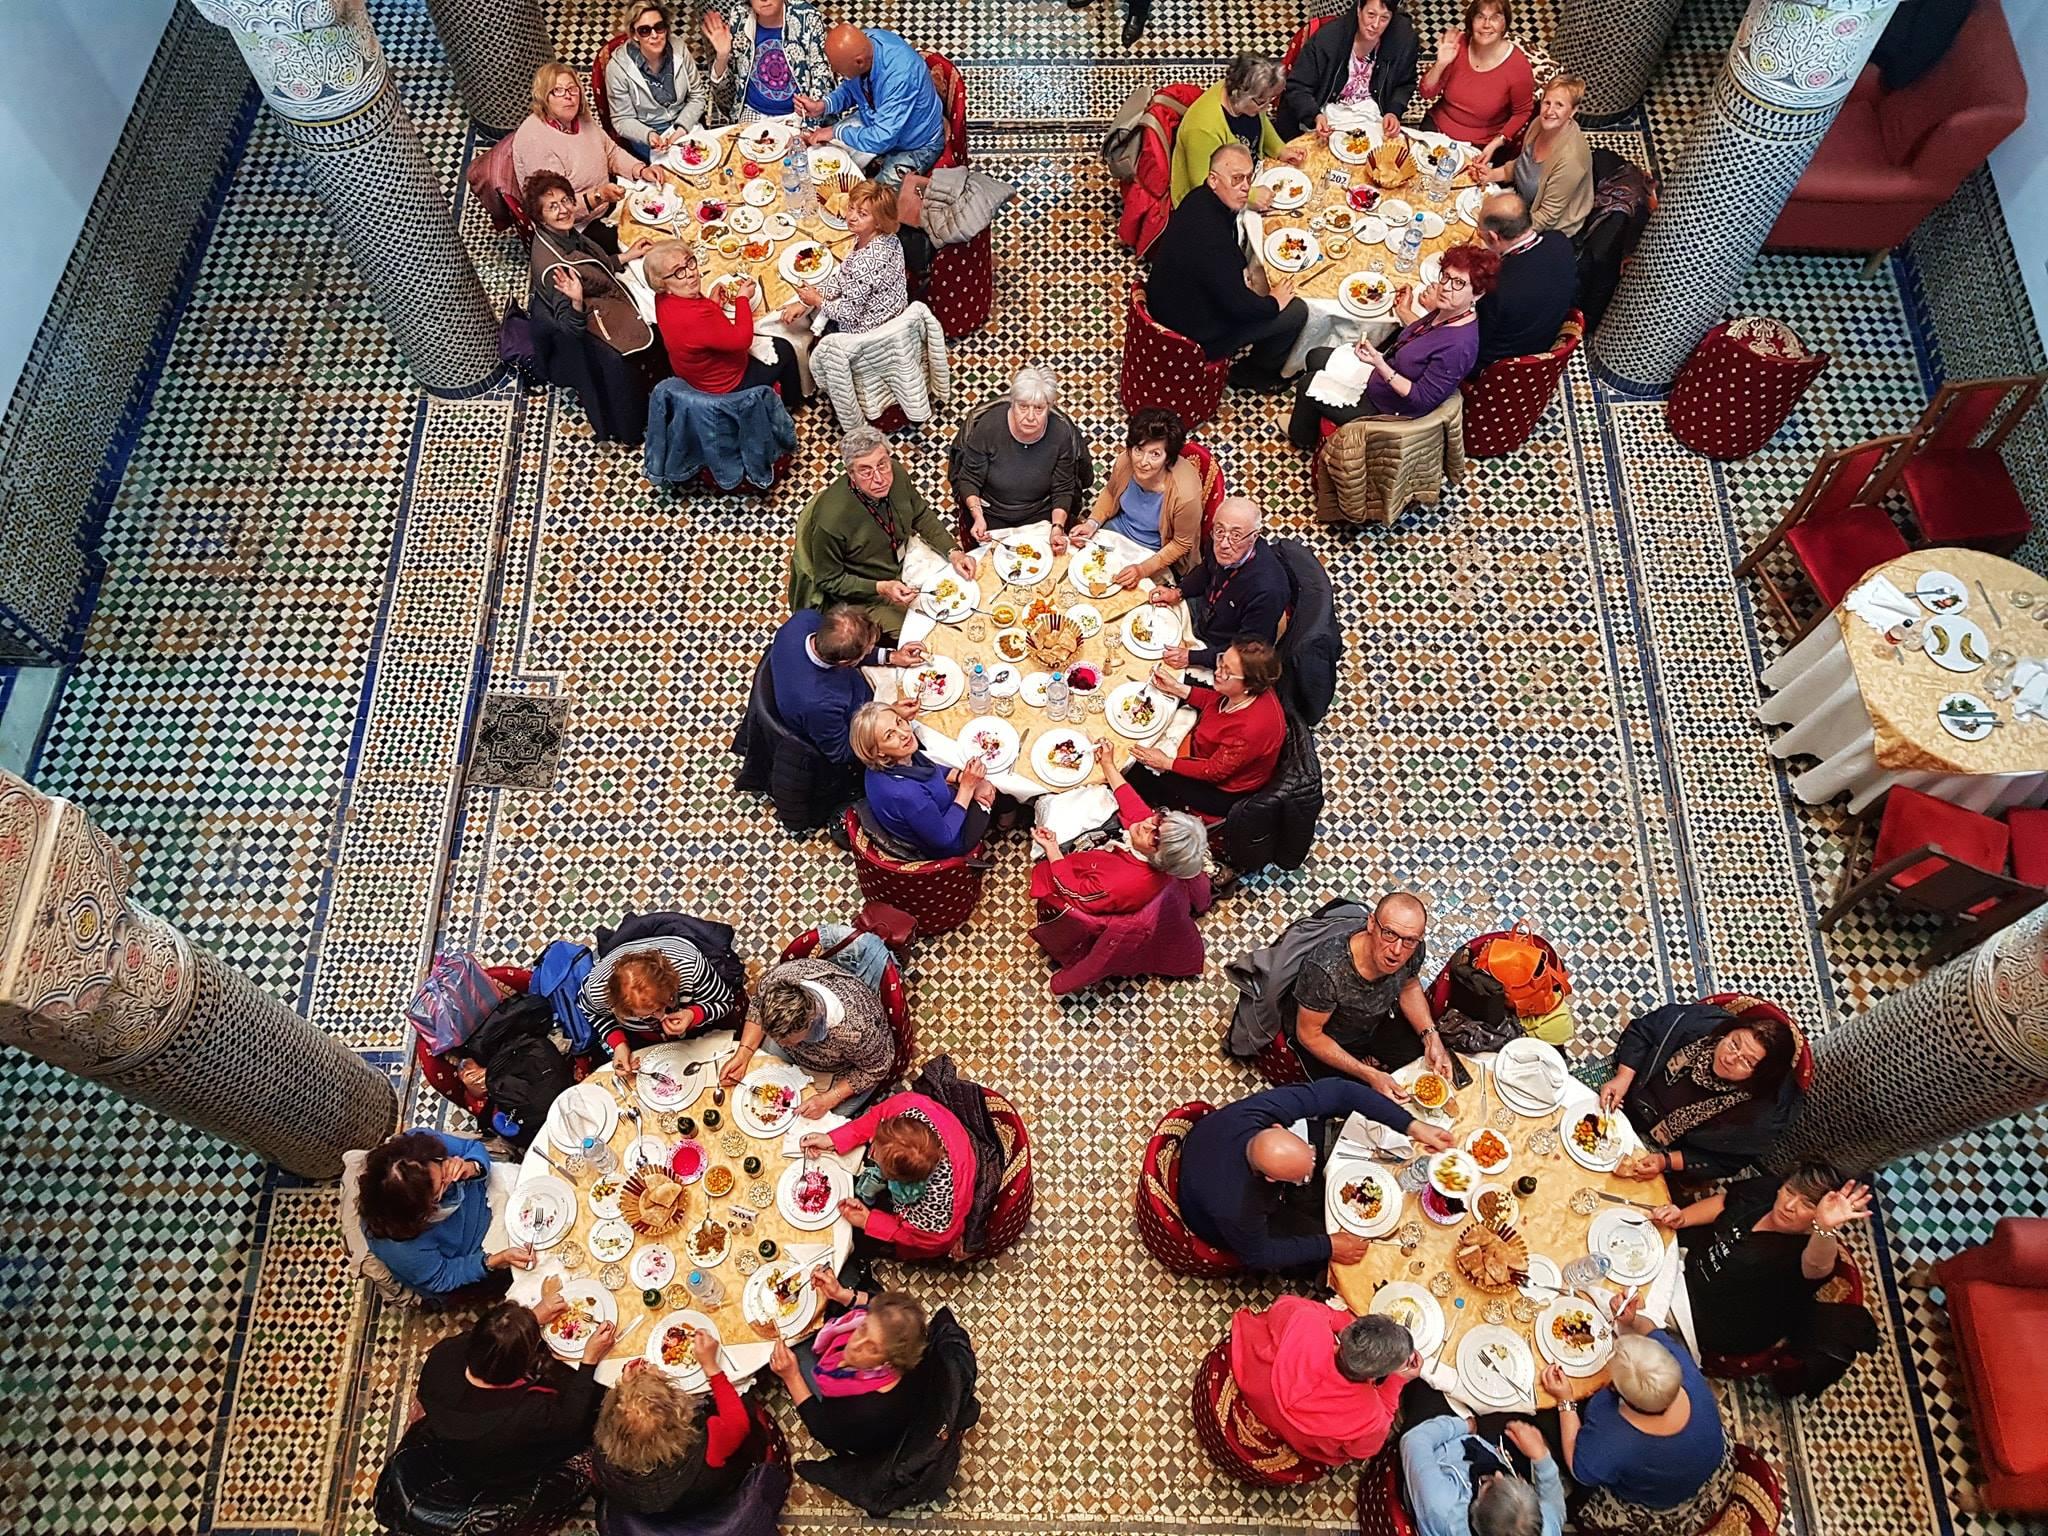 Pranzi e condivisione Viaggi di gruppo